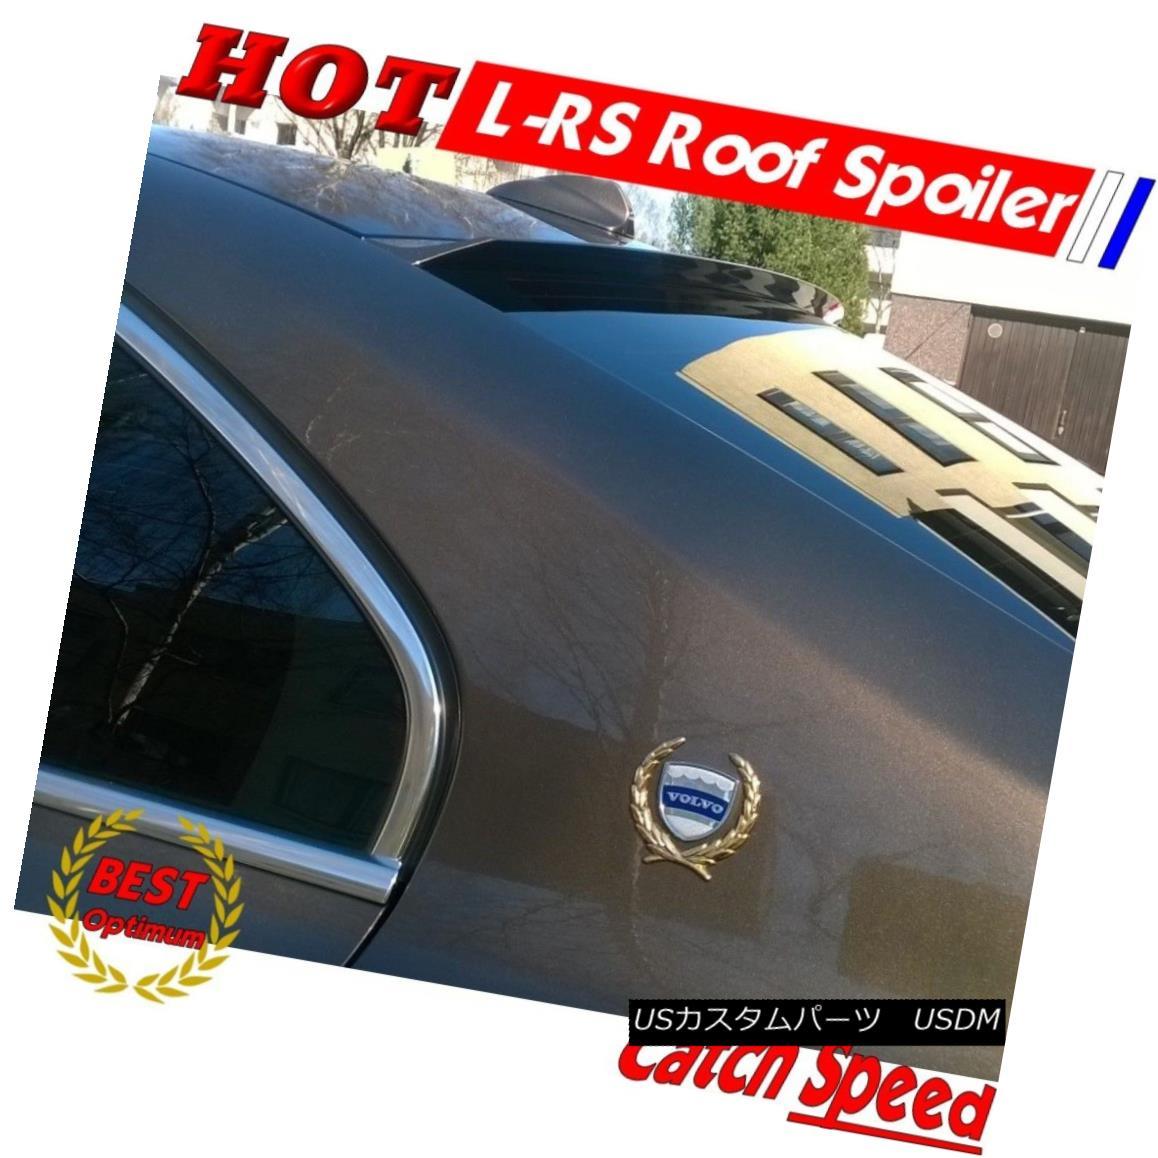 エアロパーツ Painted LRS Type Rear Window Roof Spoiler Wing For Audi A5 Sportback 2012~2015 ? 塗装されたLRSタイプリアウィンドウルーフスポイラーウイングAudi A5 Sportback 2012?2015?